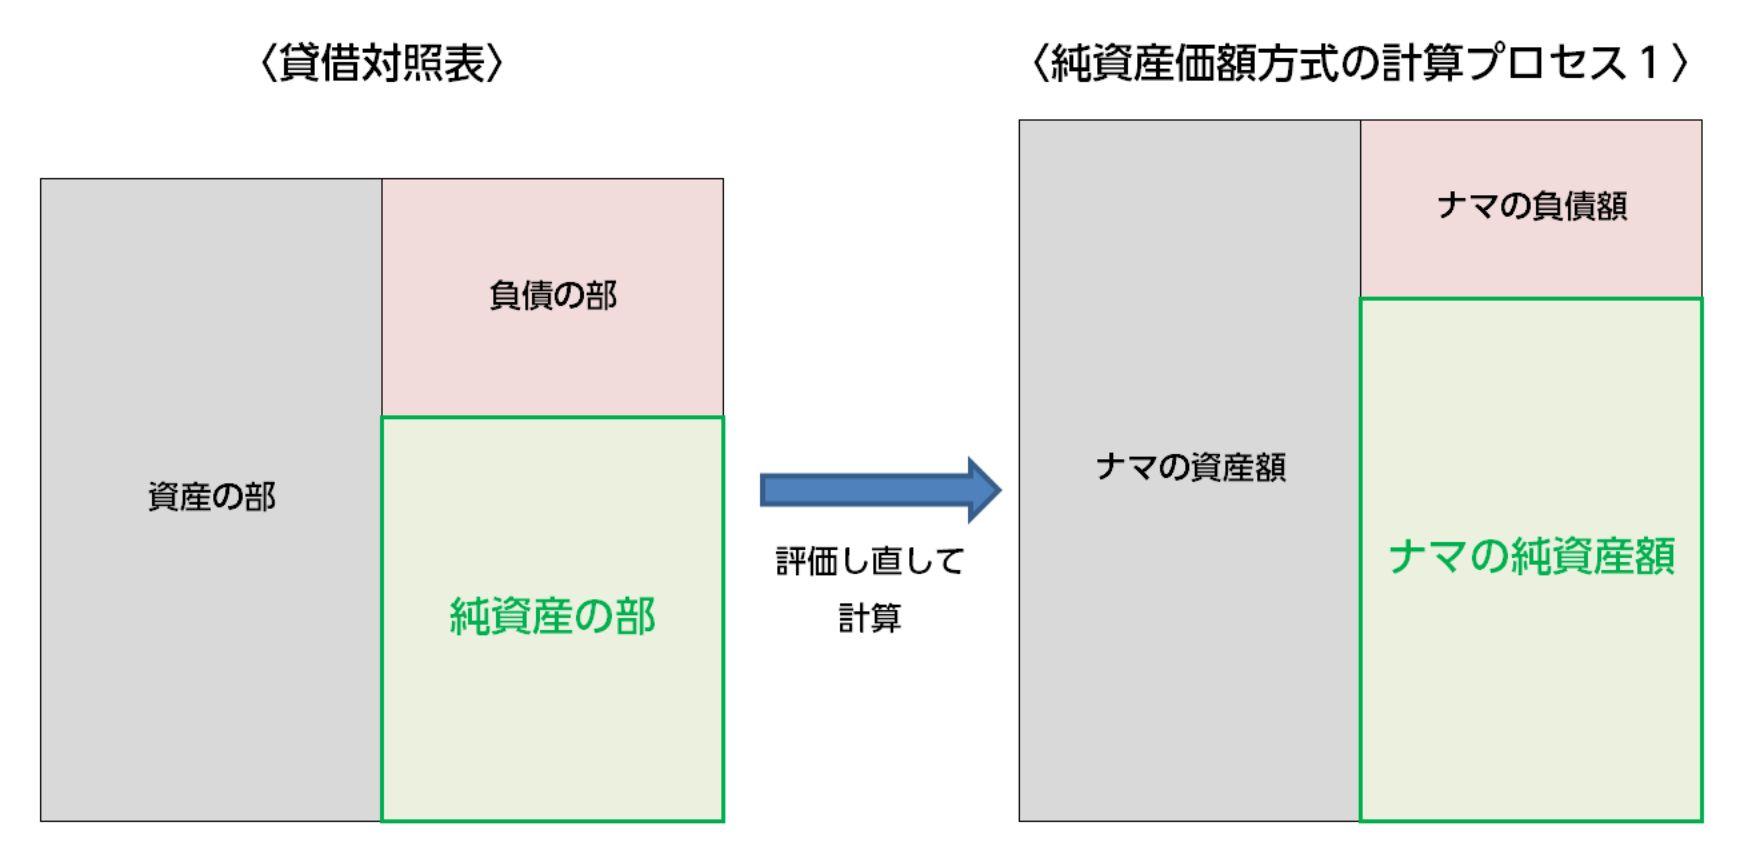 計算プロセス1